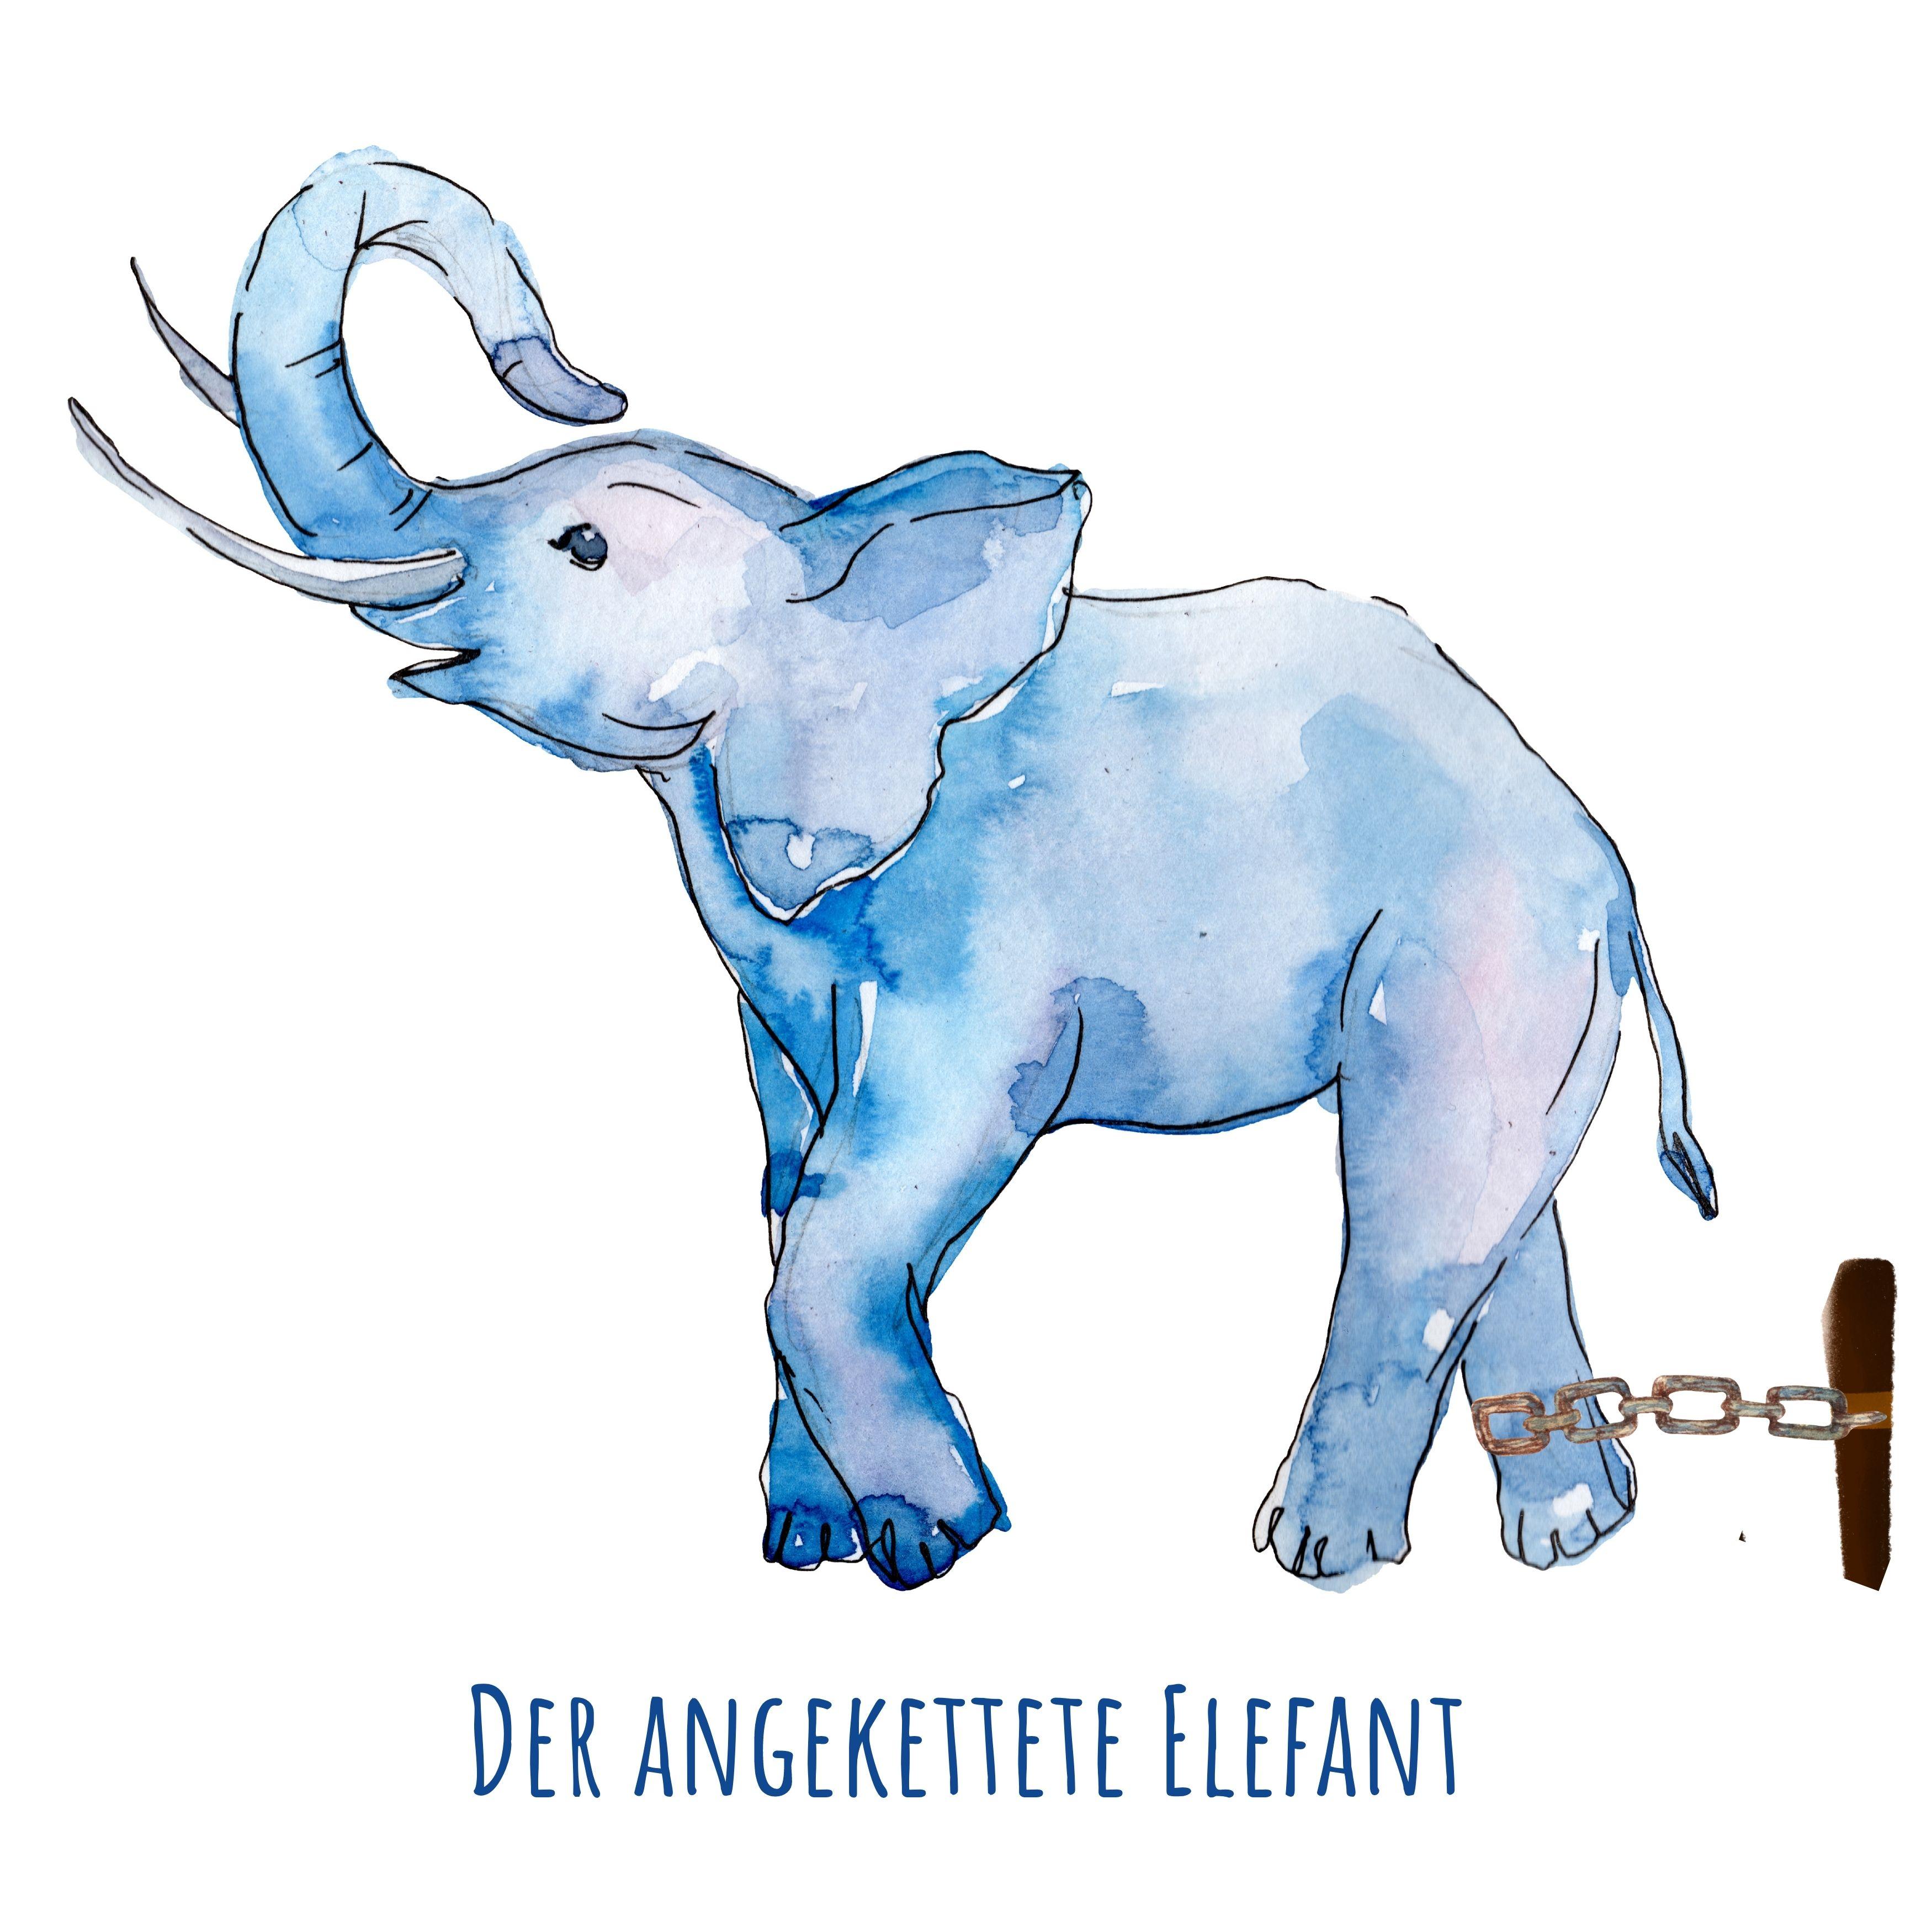 Kurzgeschichte| Der angekettete Elefant